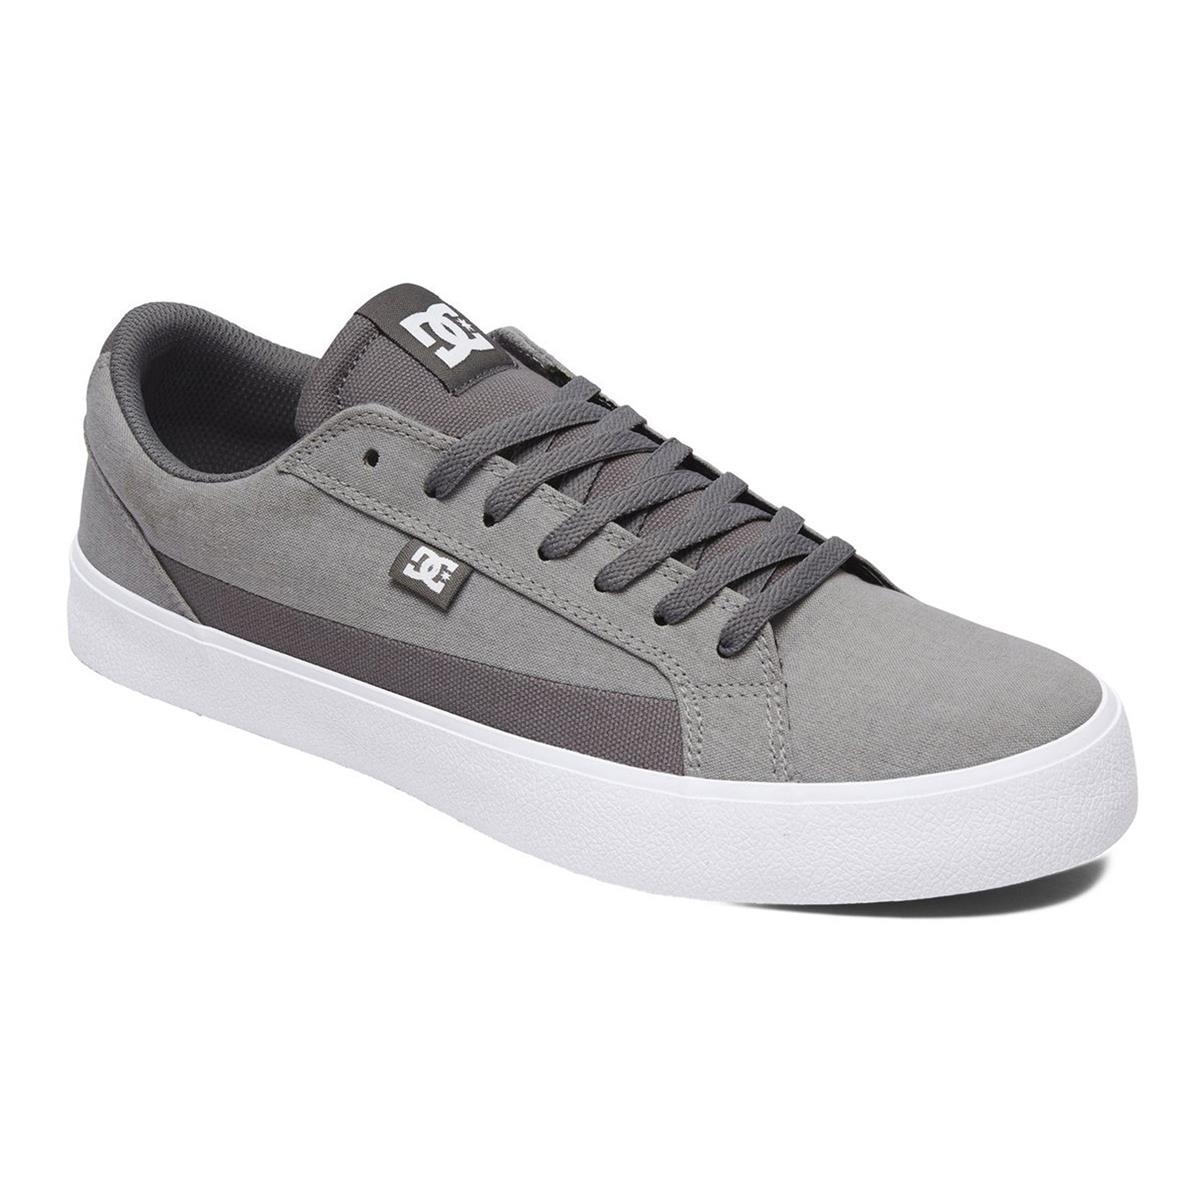 DC Schuhe Lynnfield TX SE Grau Meliert